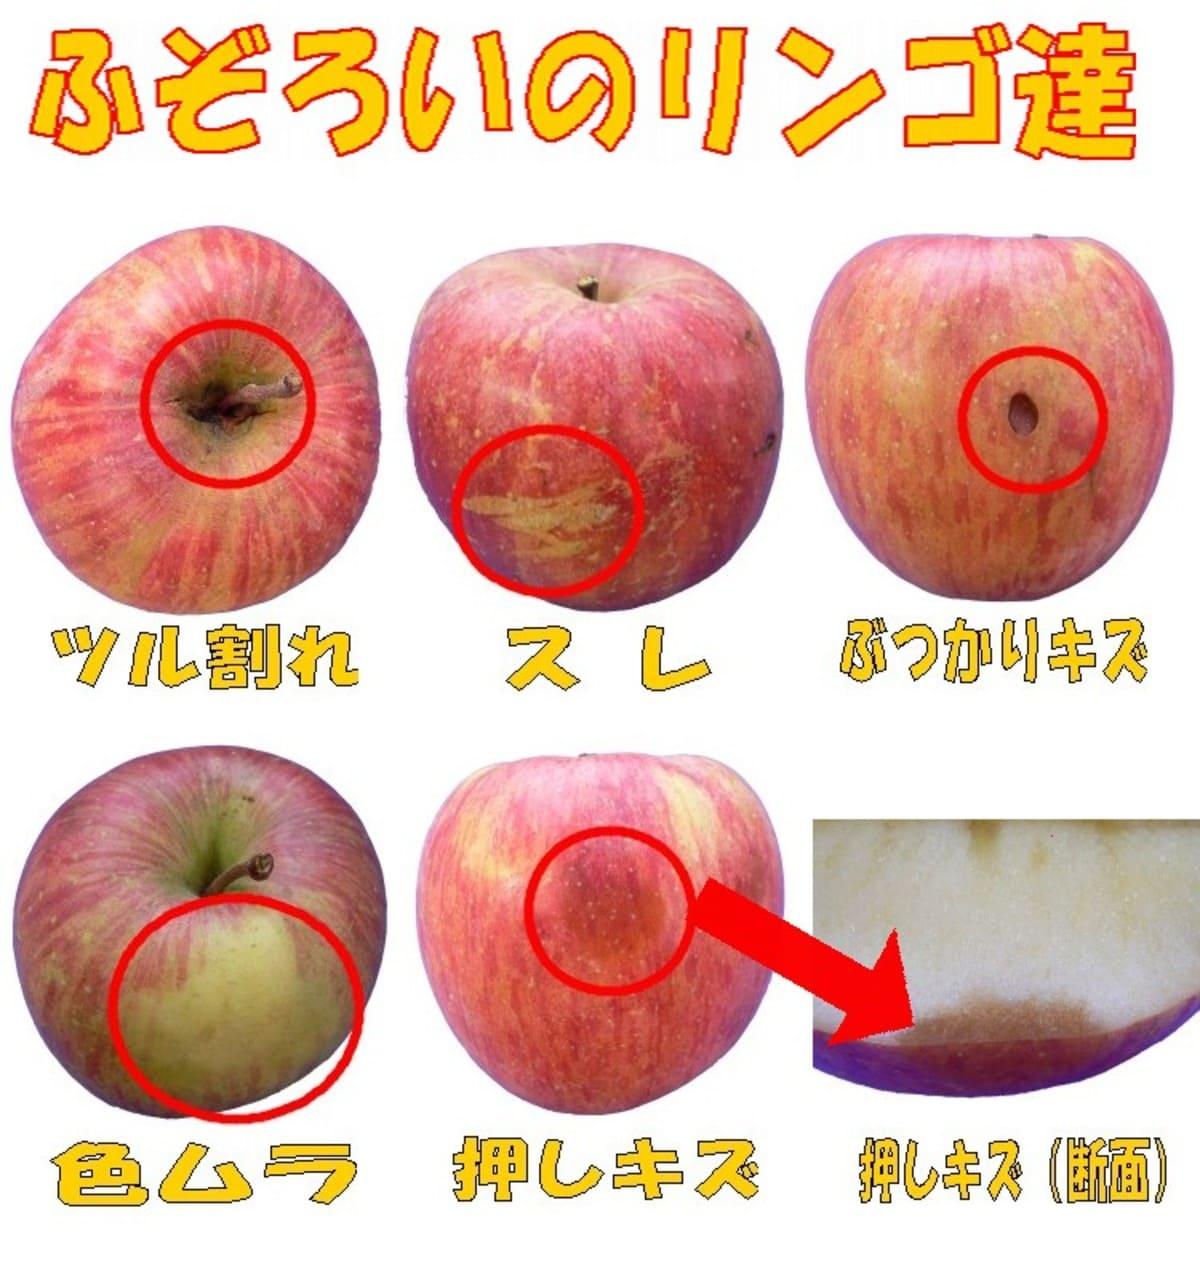 ご家庭用訳ありキズりんご